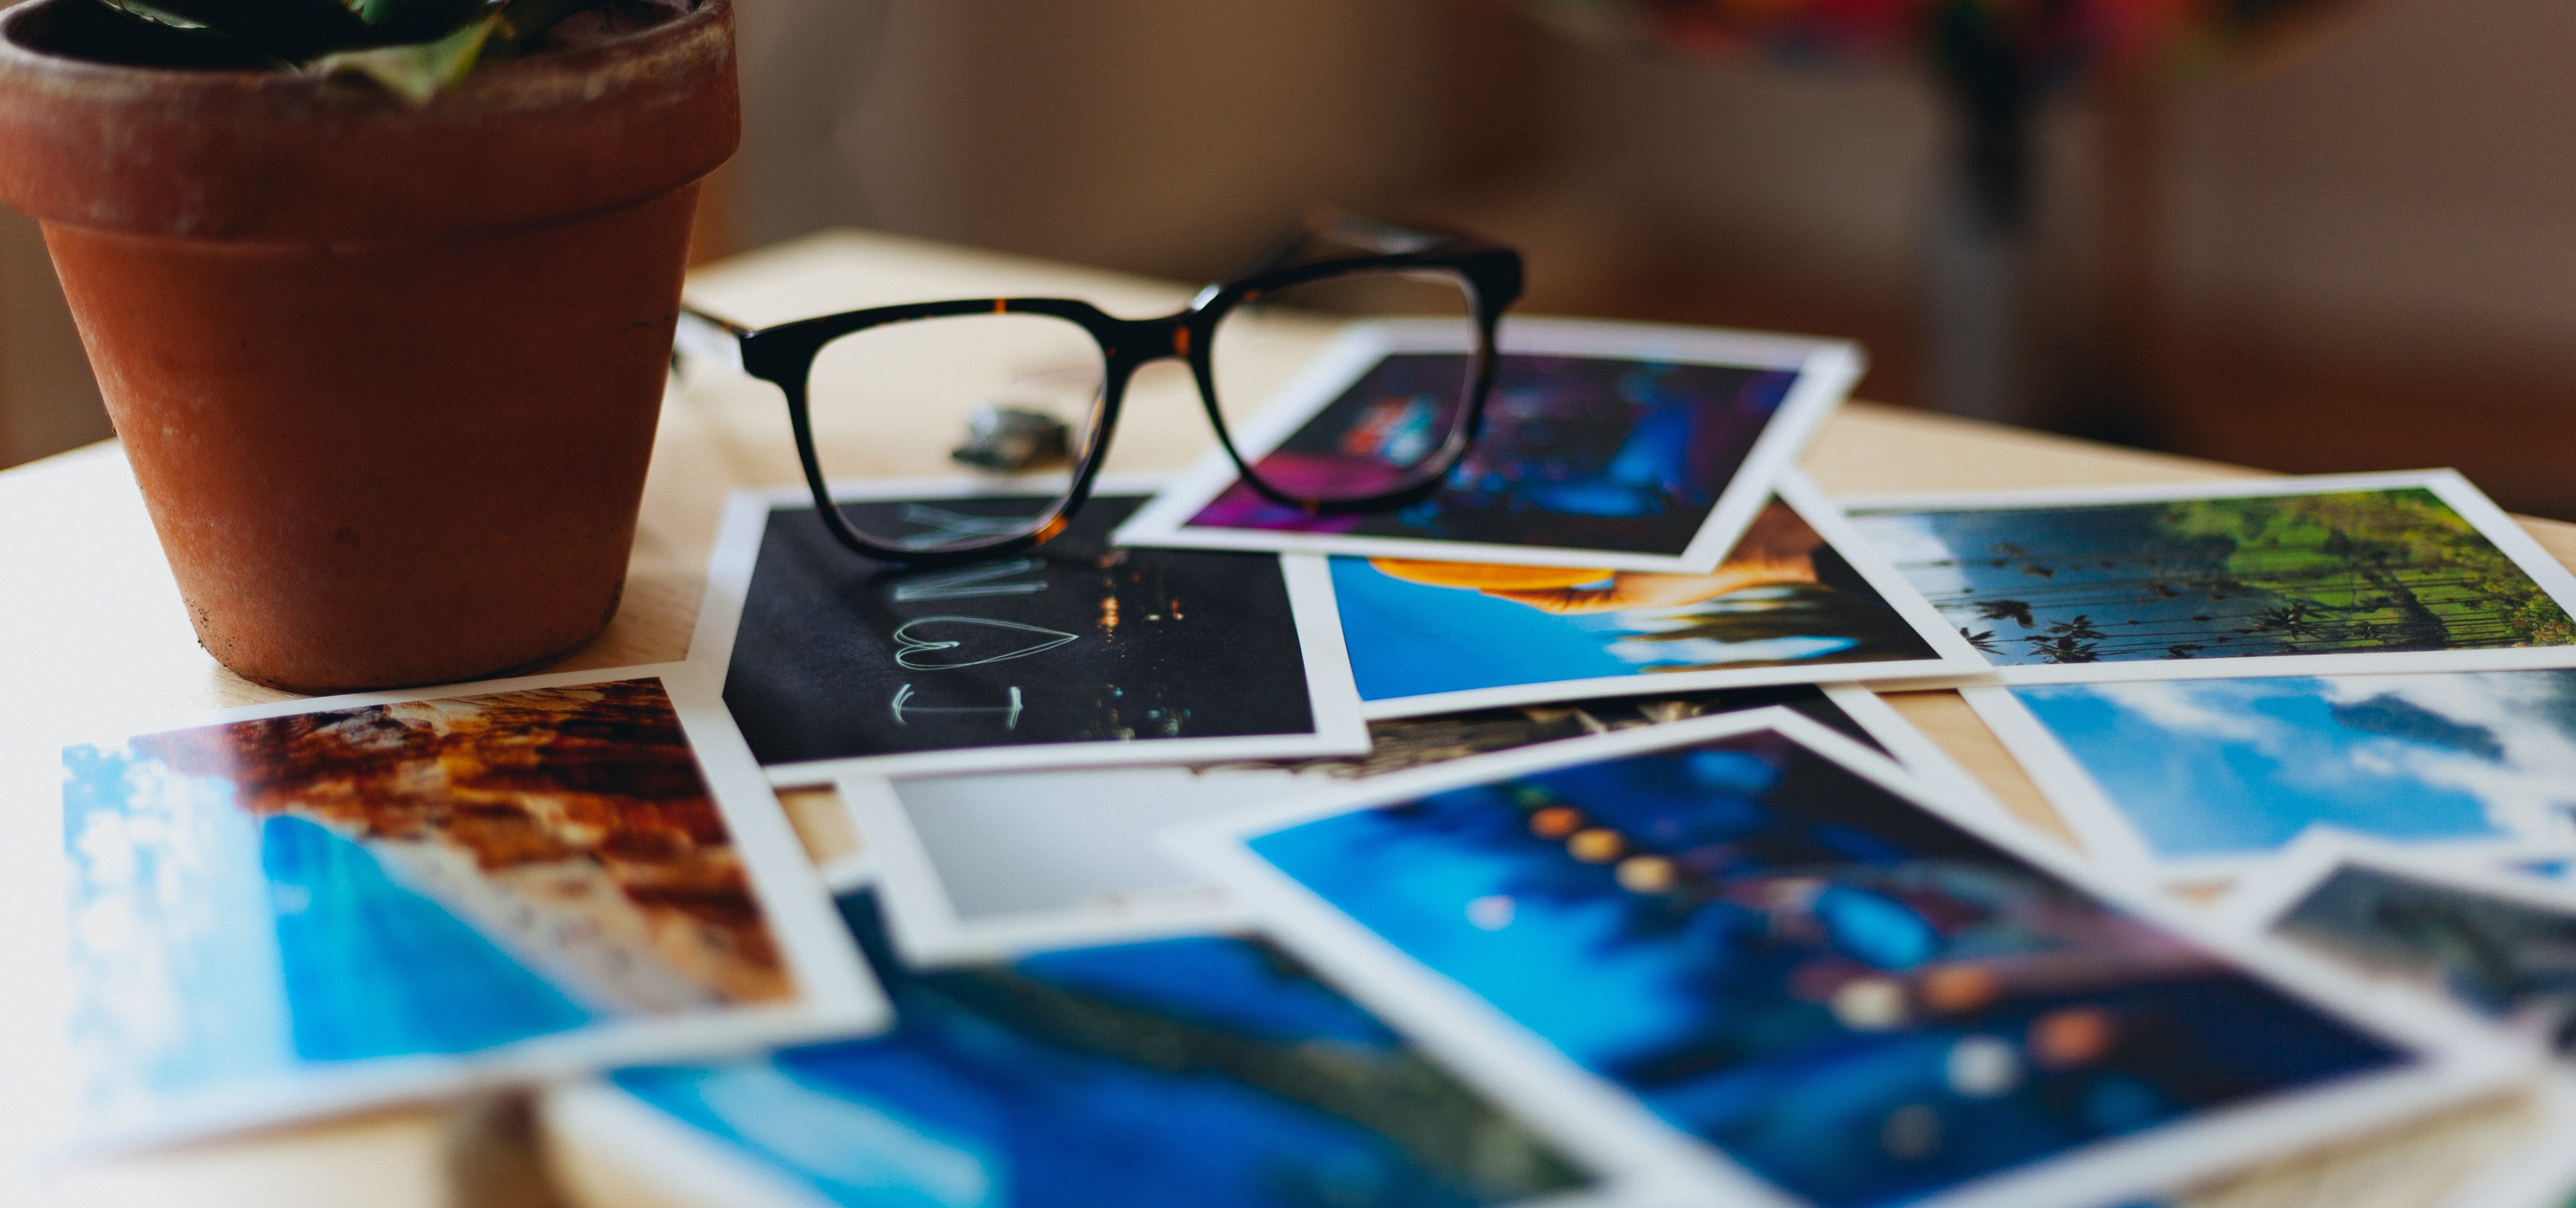 5 pomysłów na rozpoznawanie obrazów w e-commerce